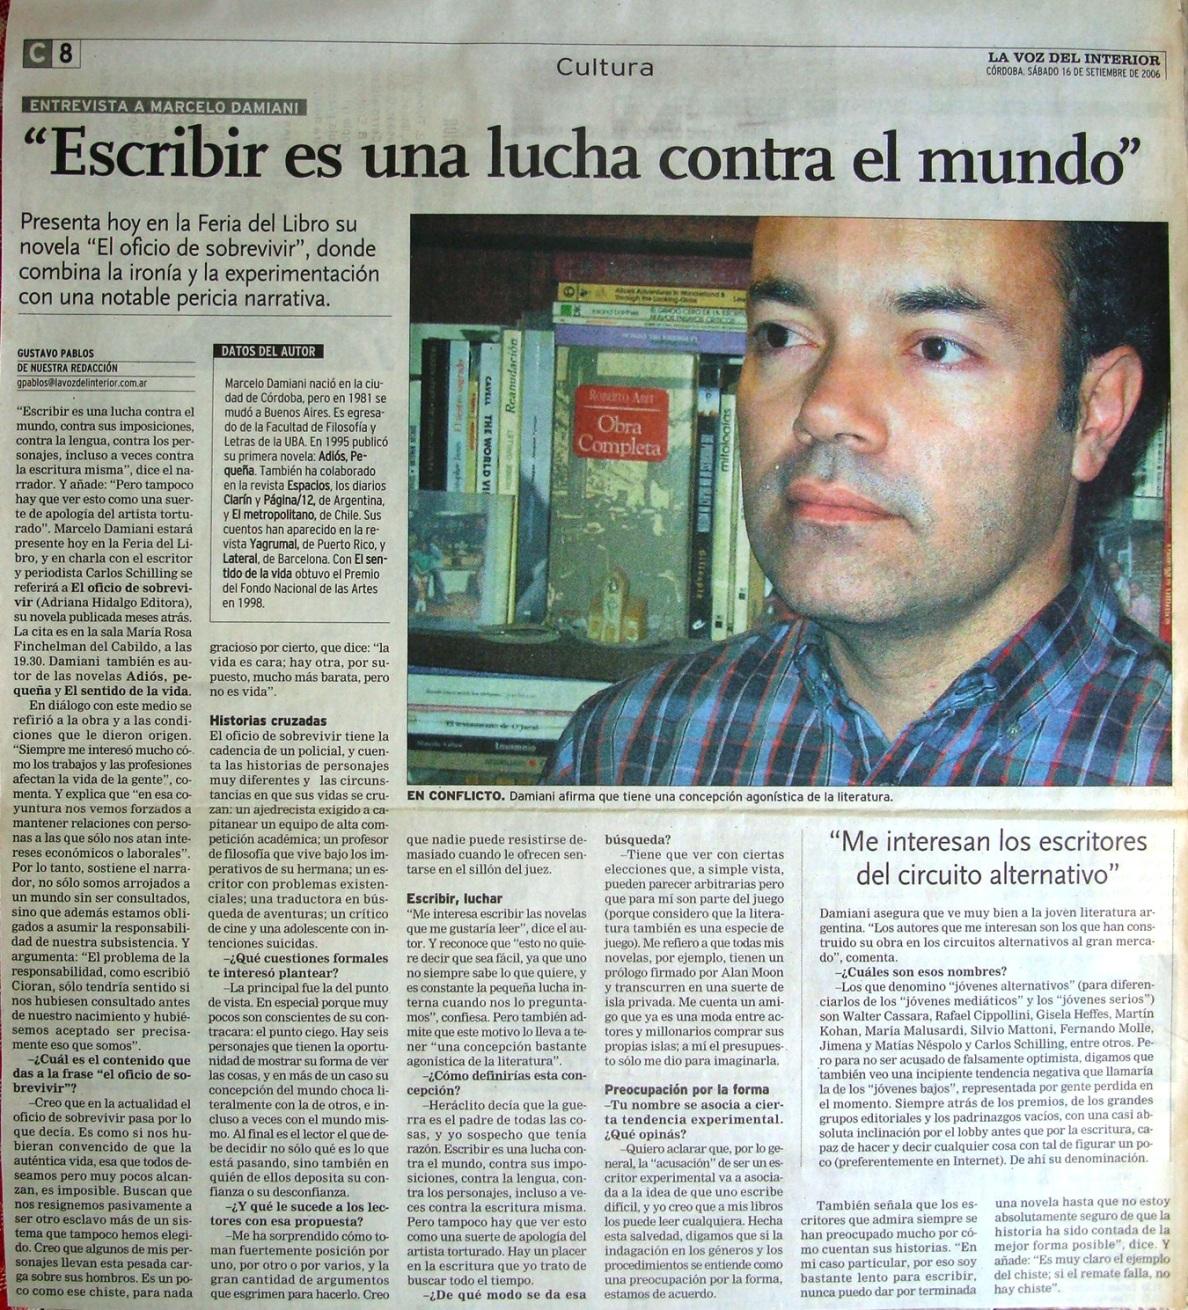 El oficio de sobrevivir por marcelo damiani entrevista en la voz del interior foto - La voz del interior ...